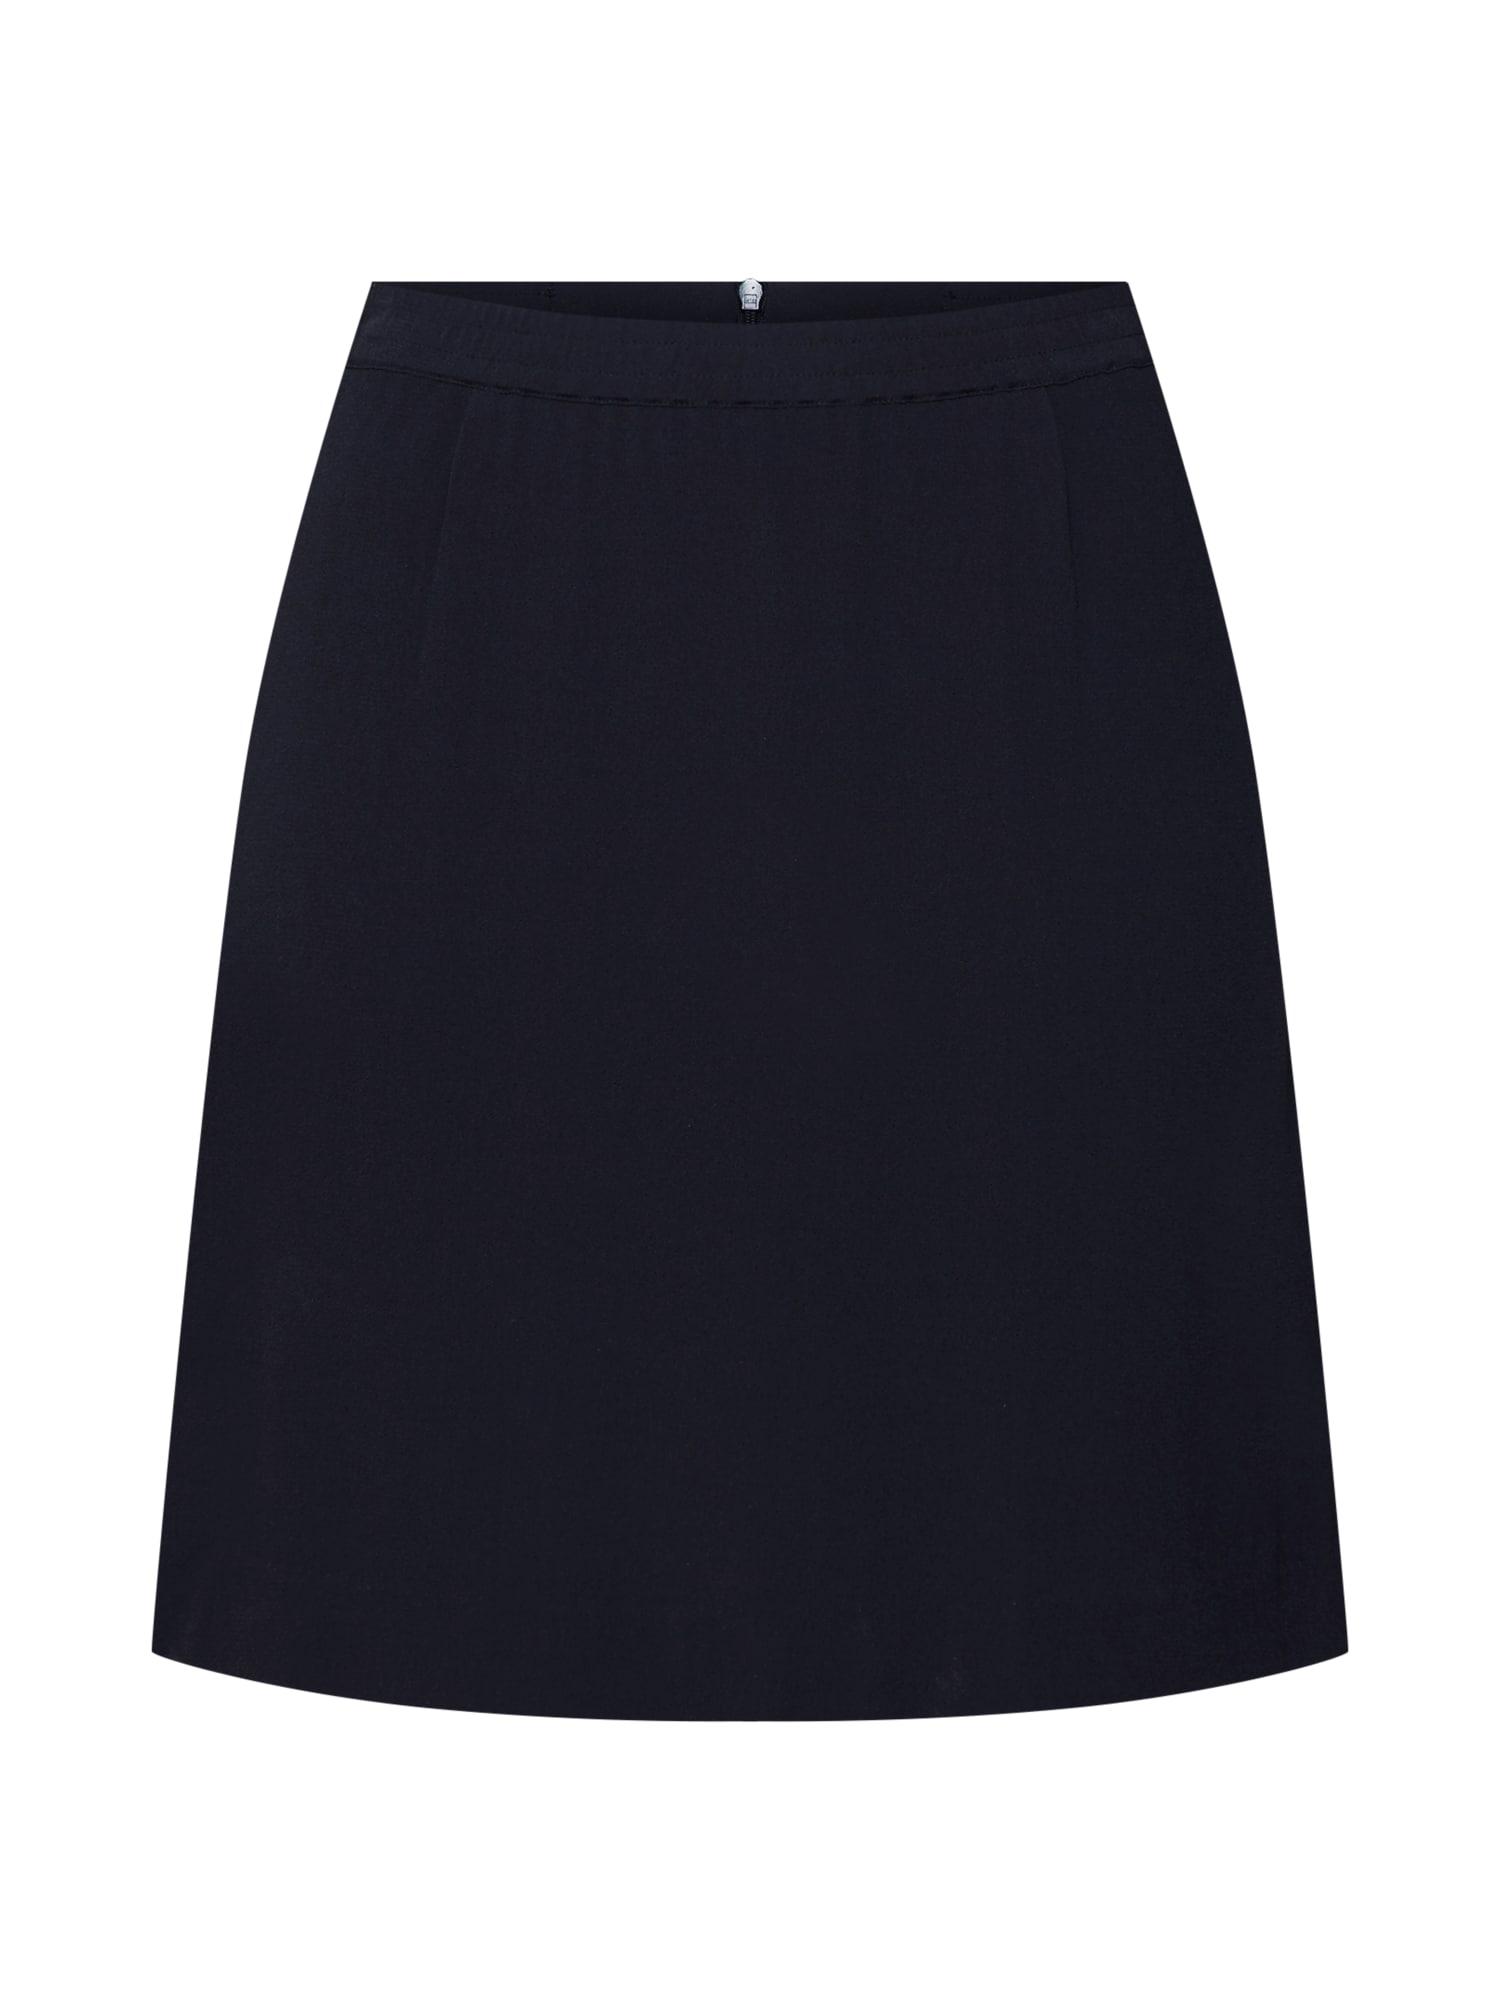 Sukně Georgette Skirt černá Pop Copenhagen